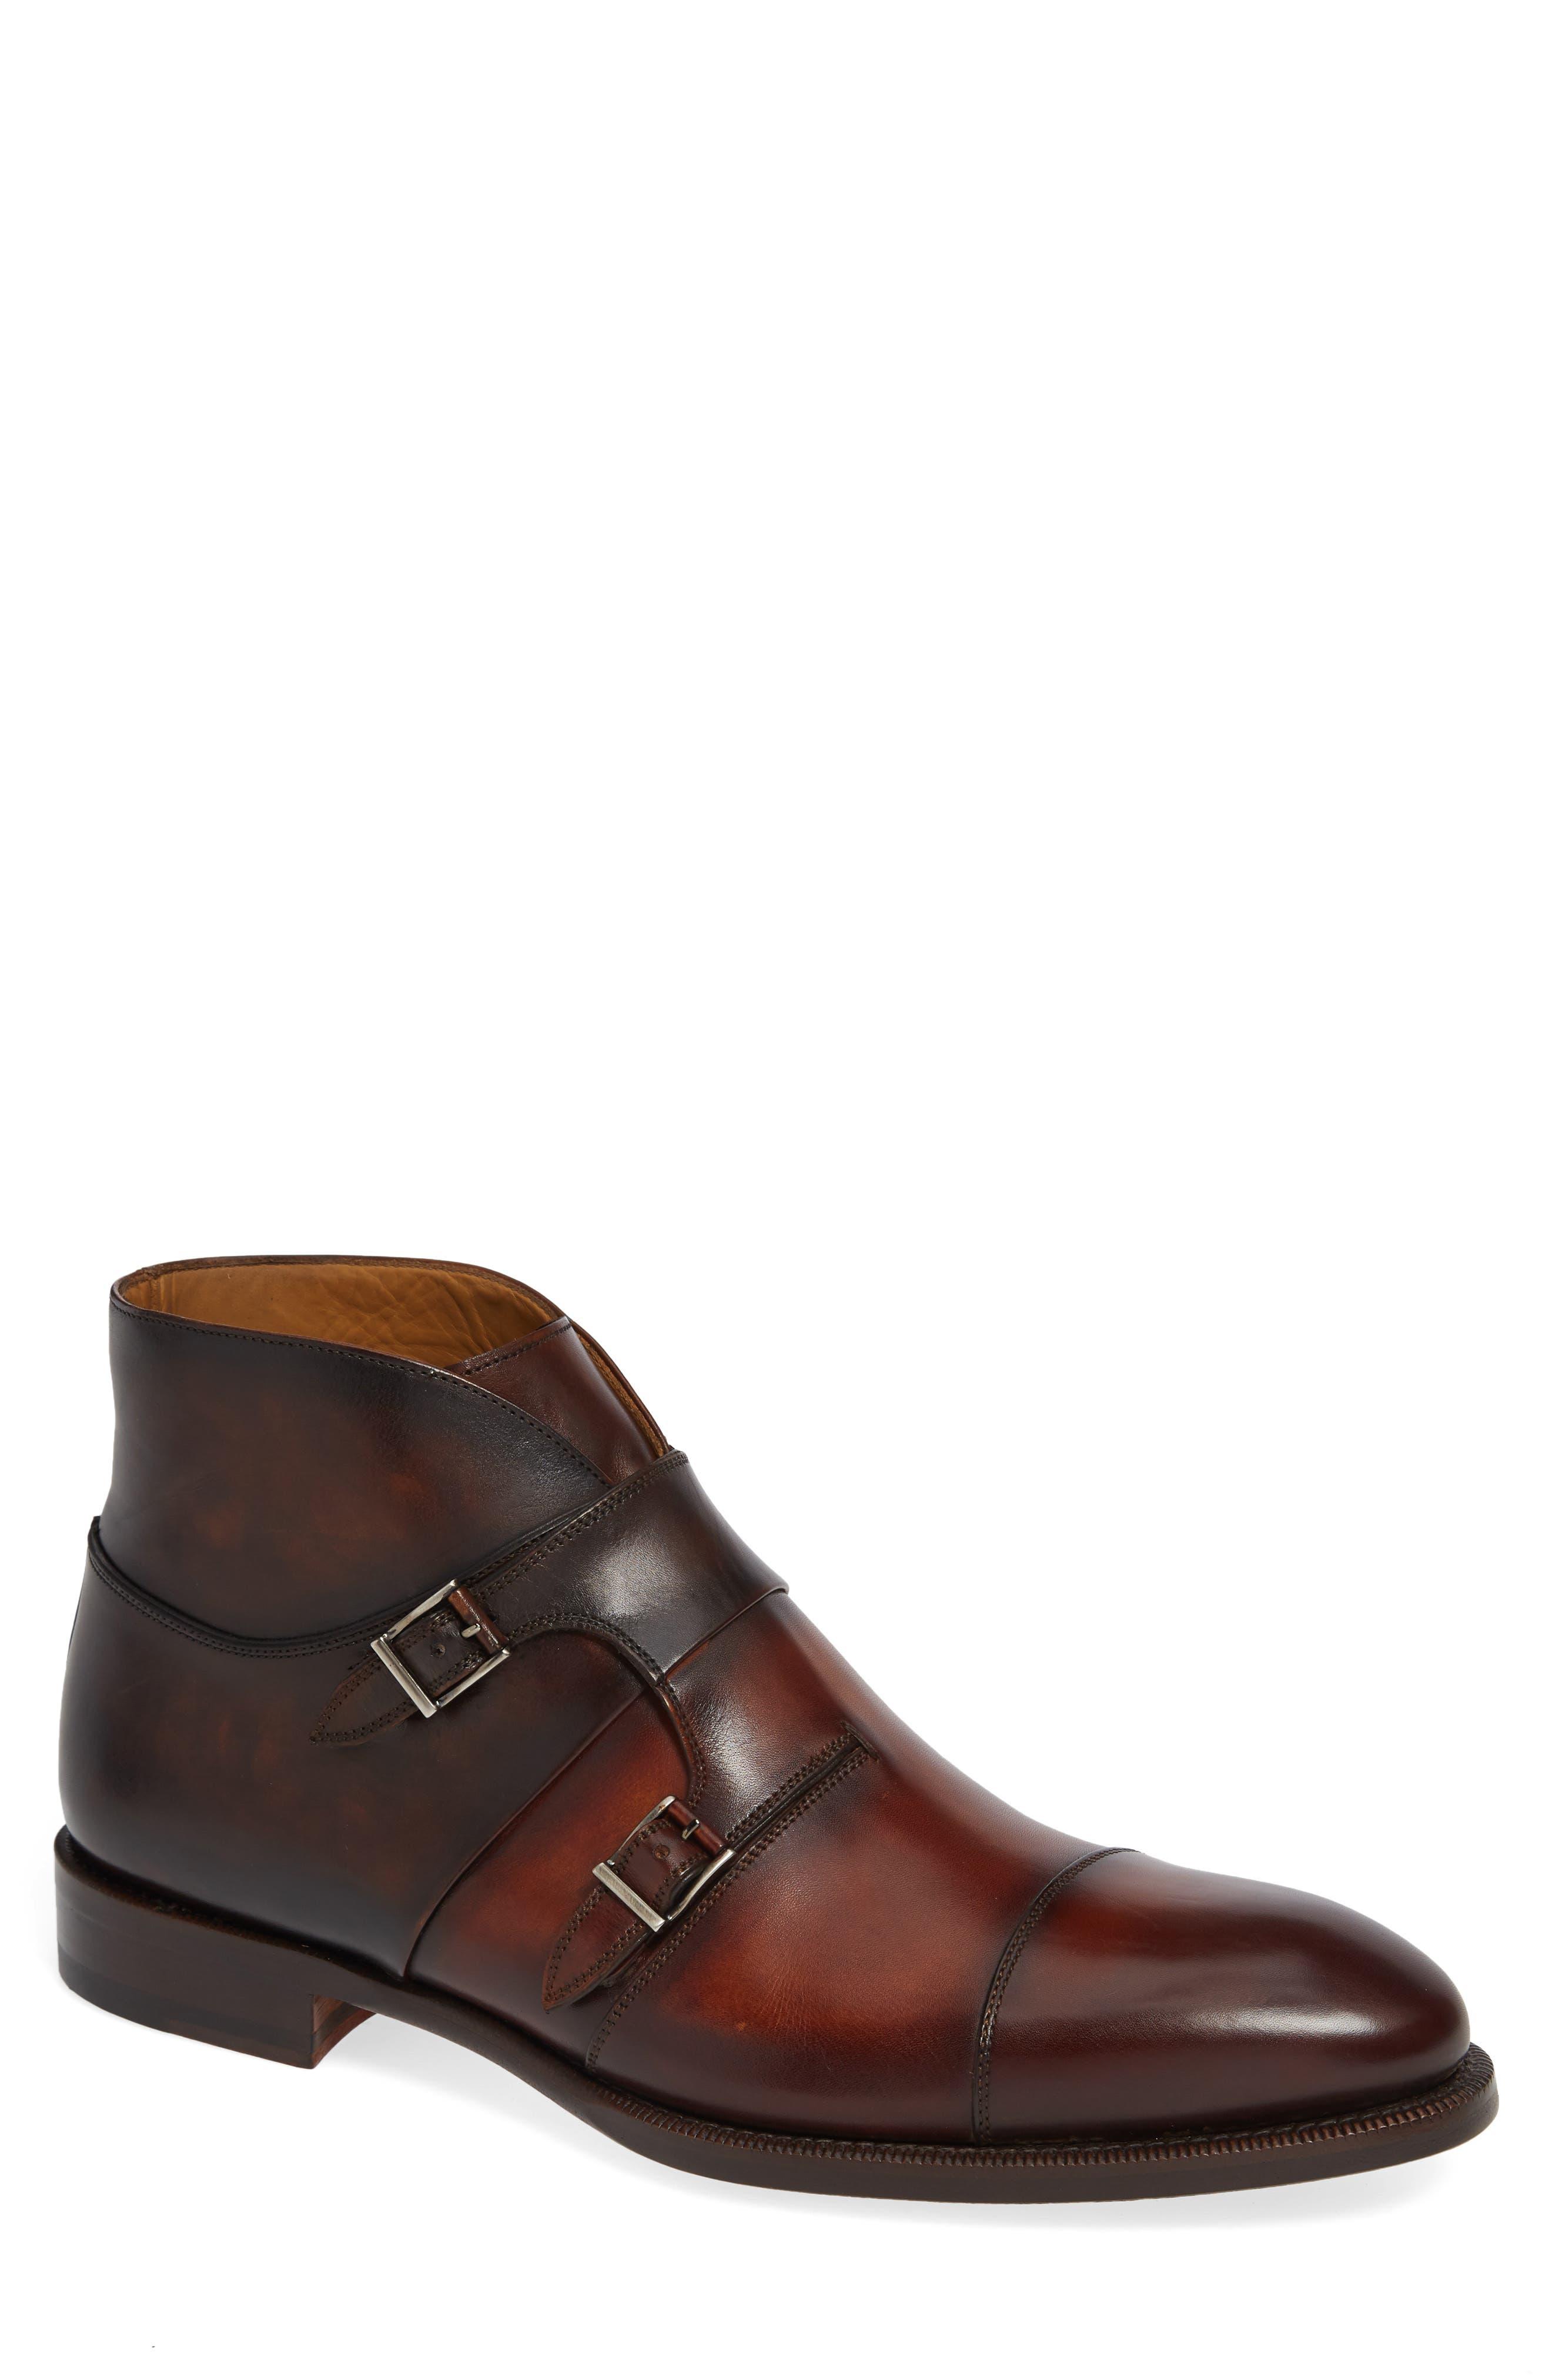 Magnanni Dionicio Monk Strap Boot, Brown